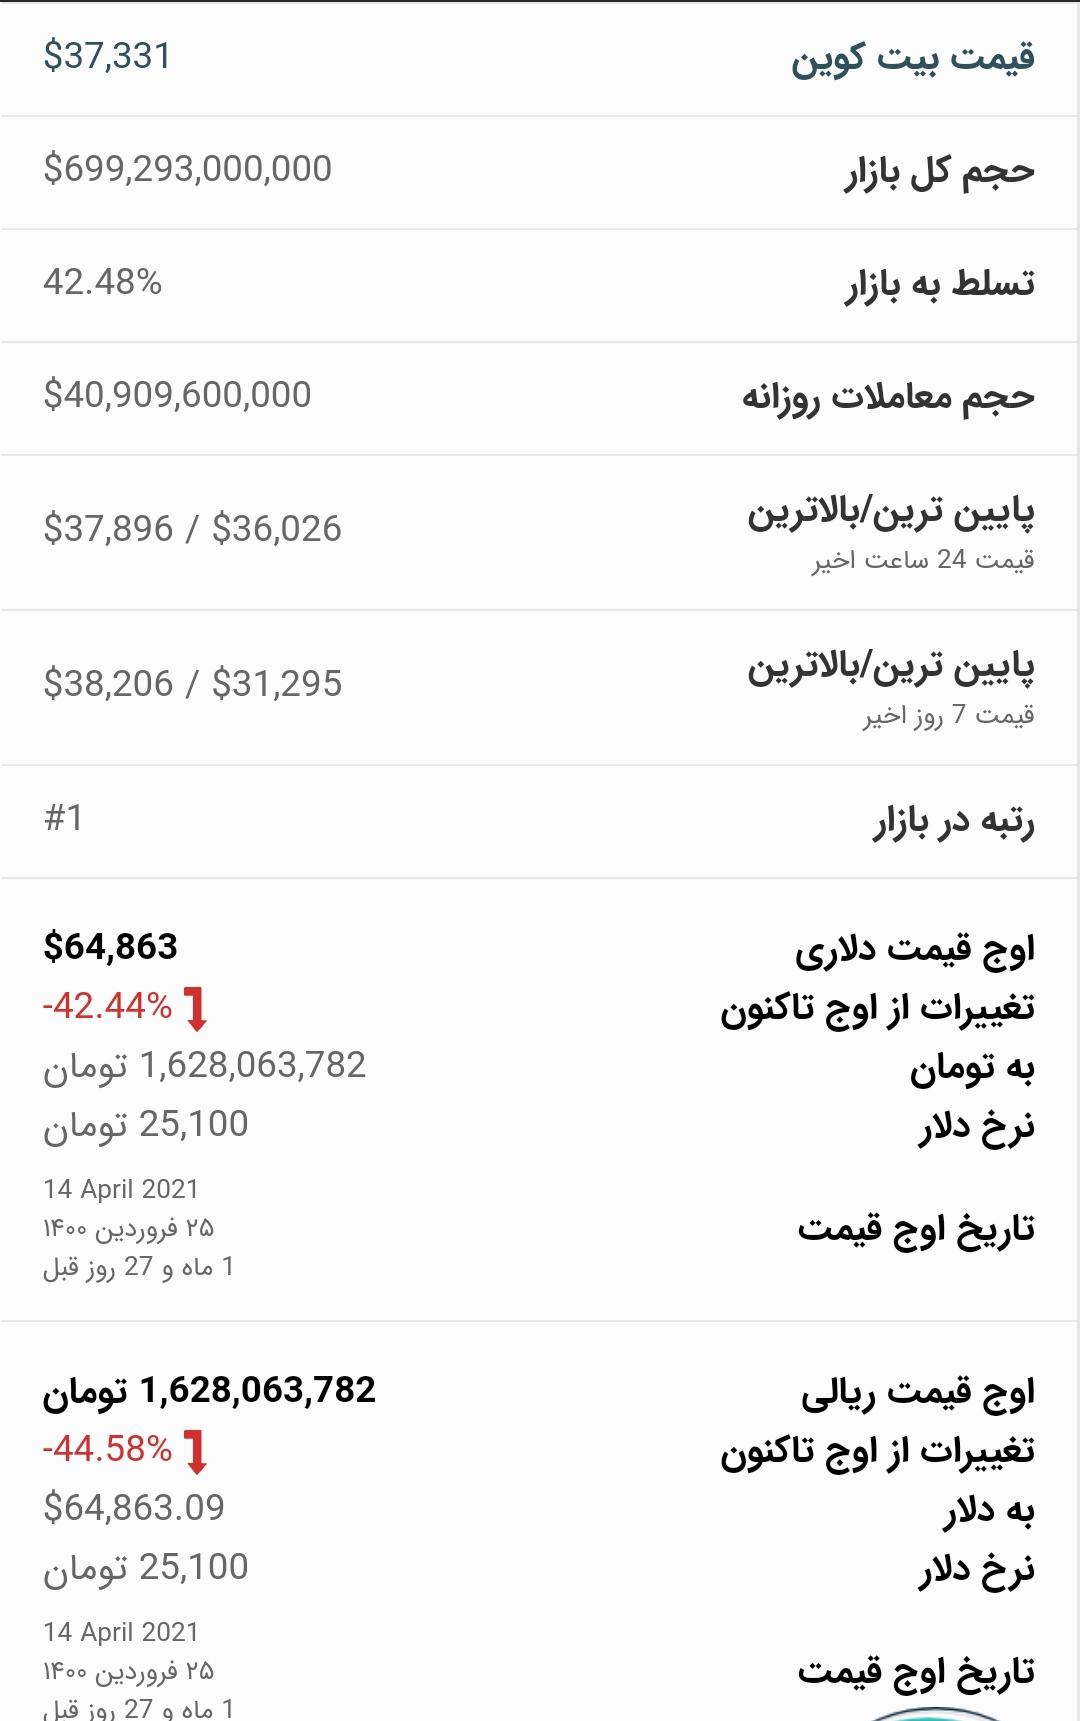 قیمت بیت کوین امروز ۲۱ خرداد ۱۴۰۰